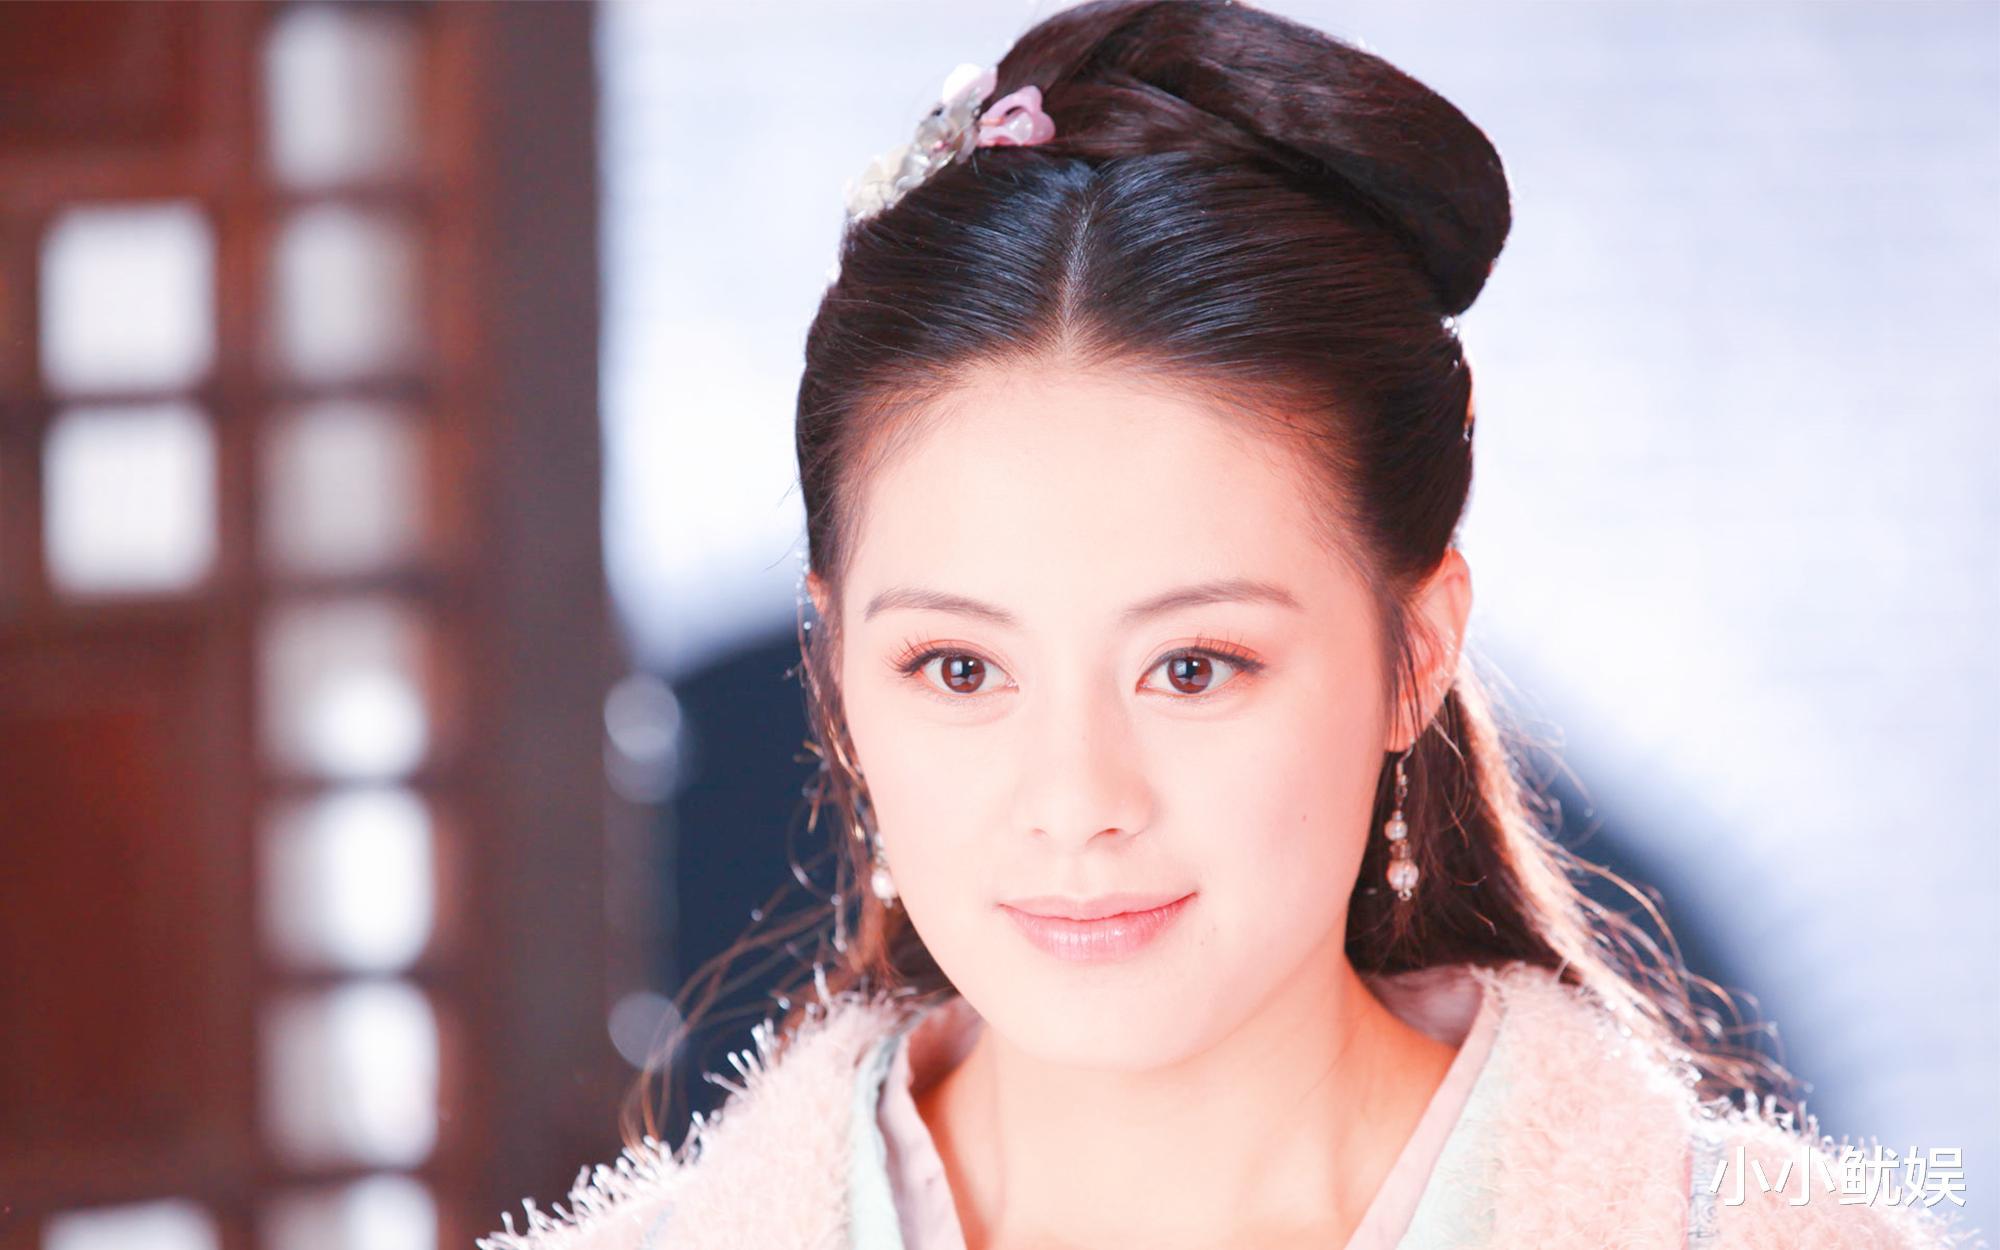 """""""強捧之恥""""? 46部電視劇38次女主, 搭檔胡歌聶遠但就是火不起來-圖10"""